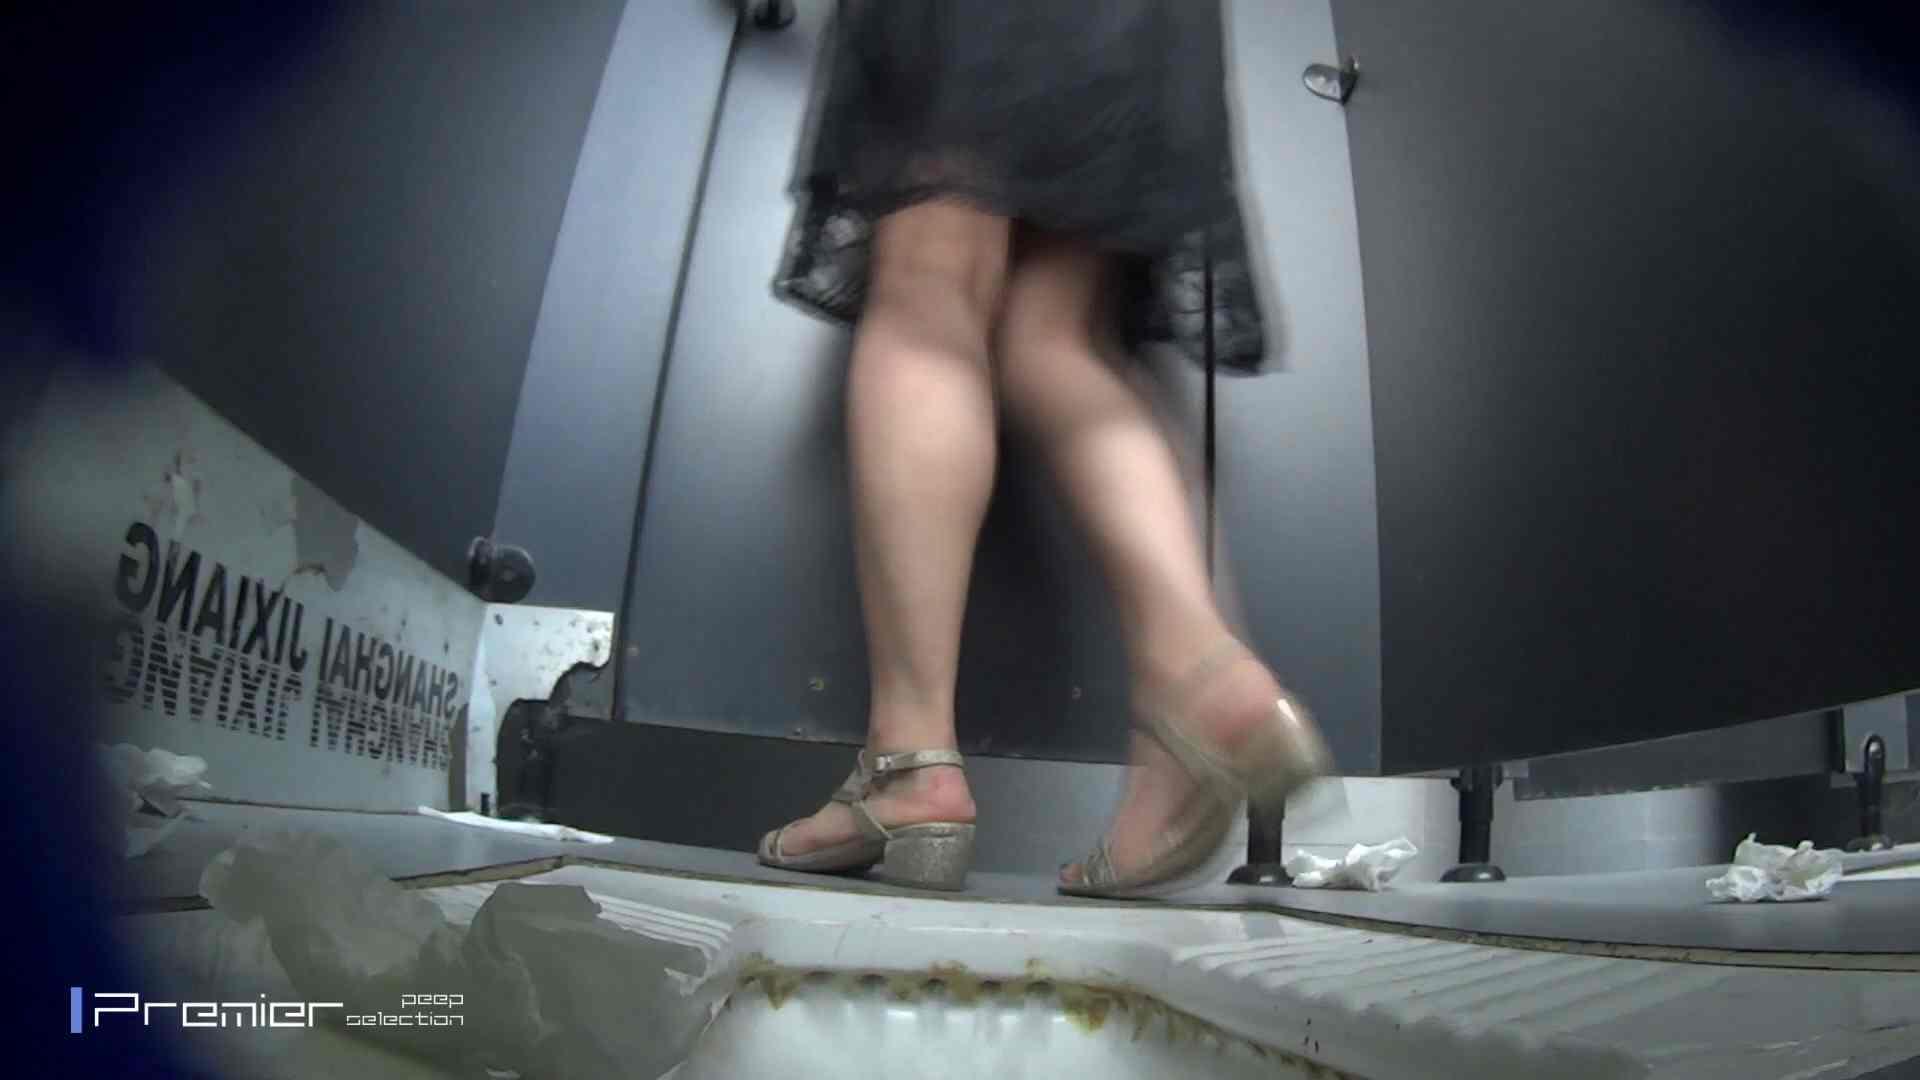 スキニージーンズの美女 大学休憩時間の洗面所事情56 お姉さんのSEX  106枚 80